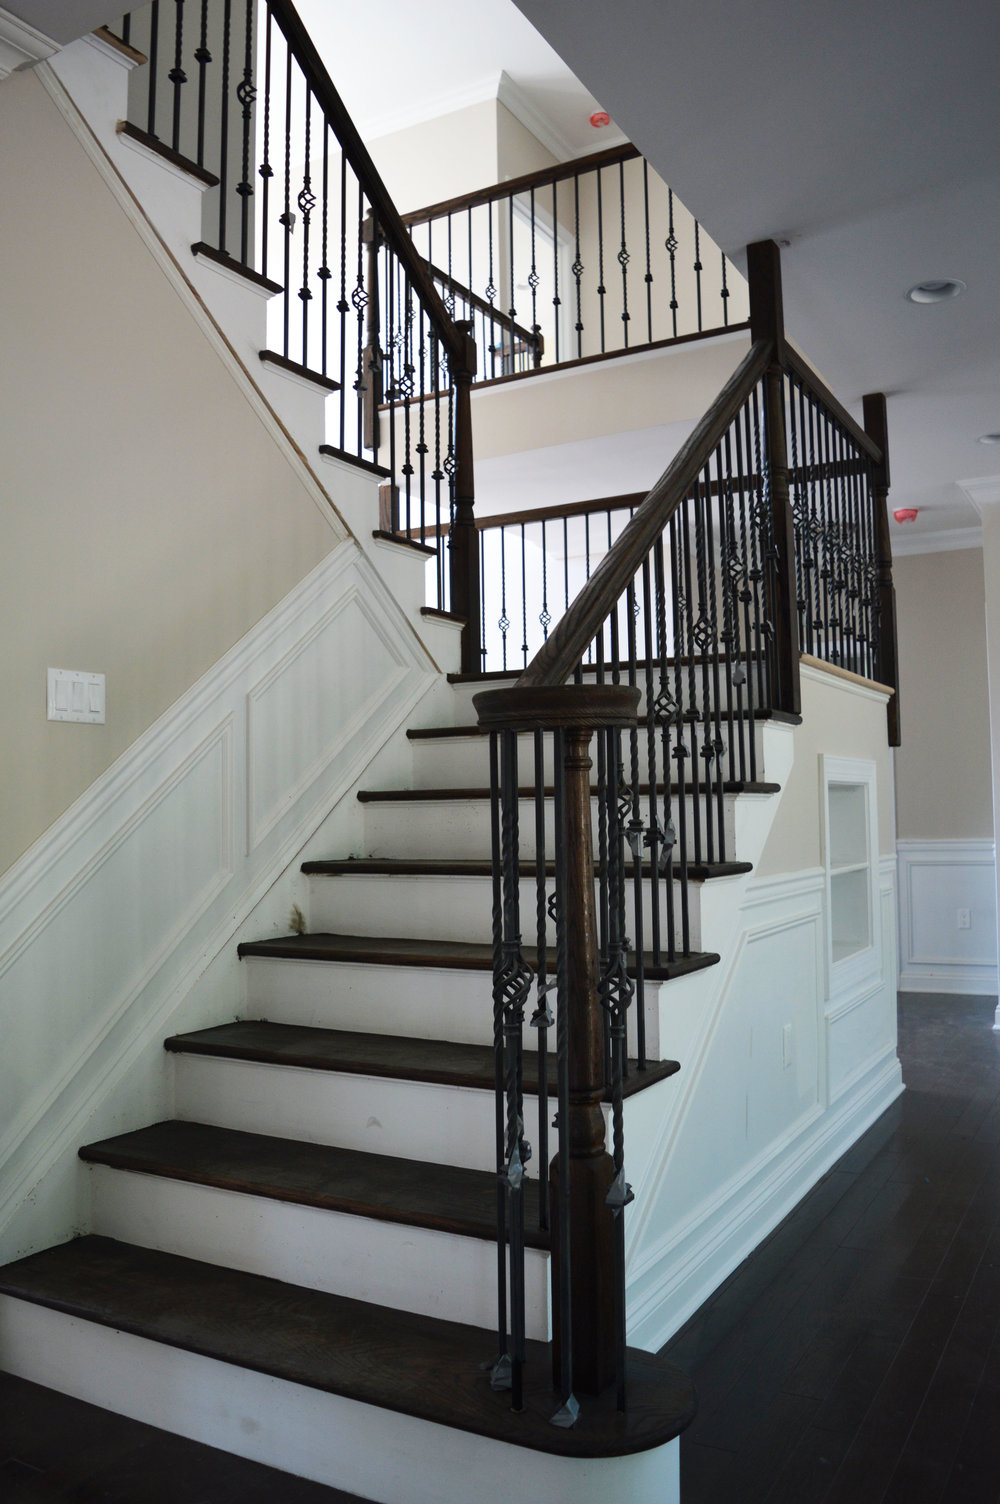 Holmdel Stairs.jpg